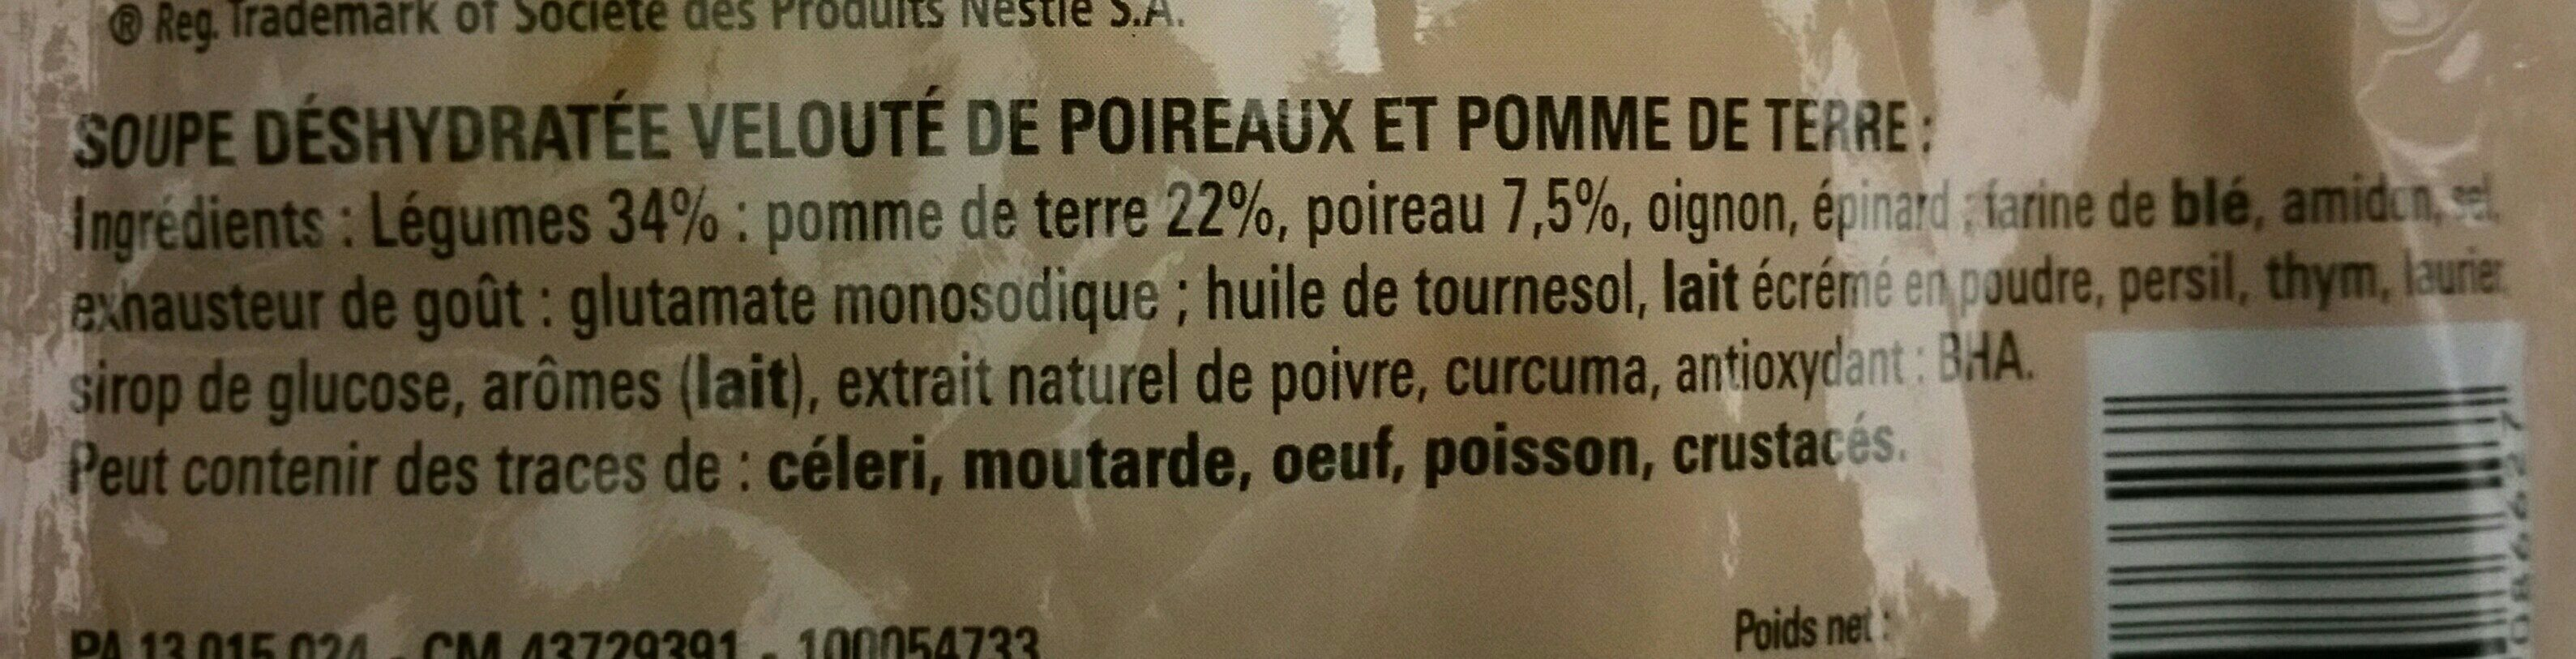 Velouté de Poireaux Pommes de Terre - Ingrédients - fr